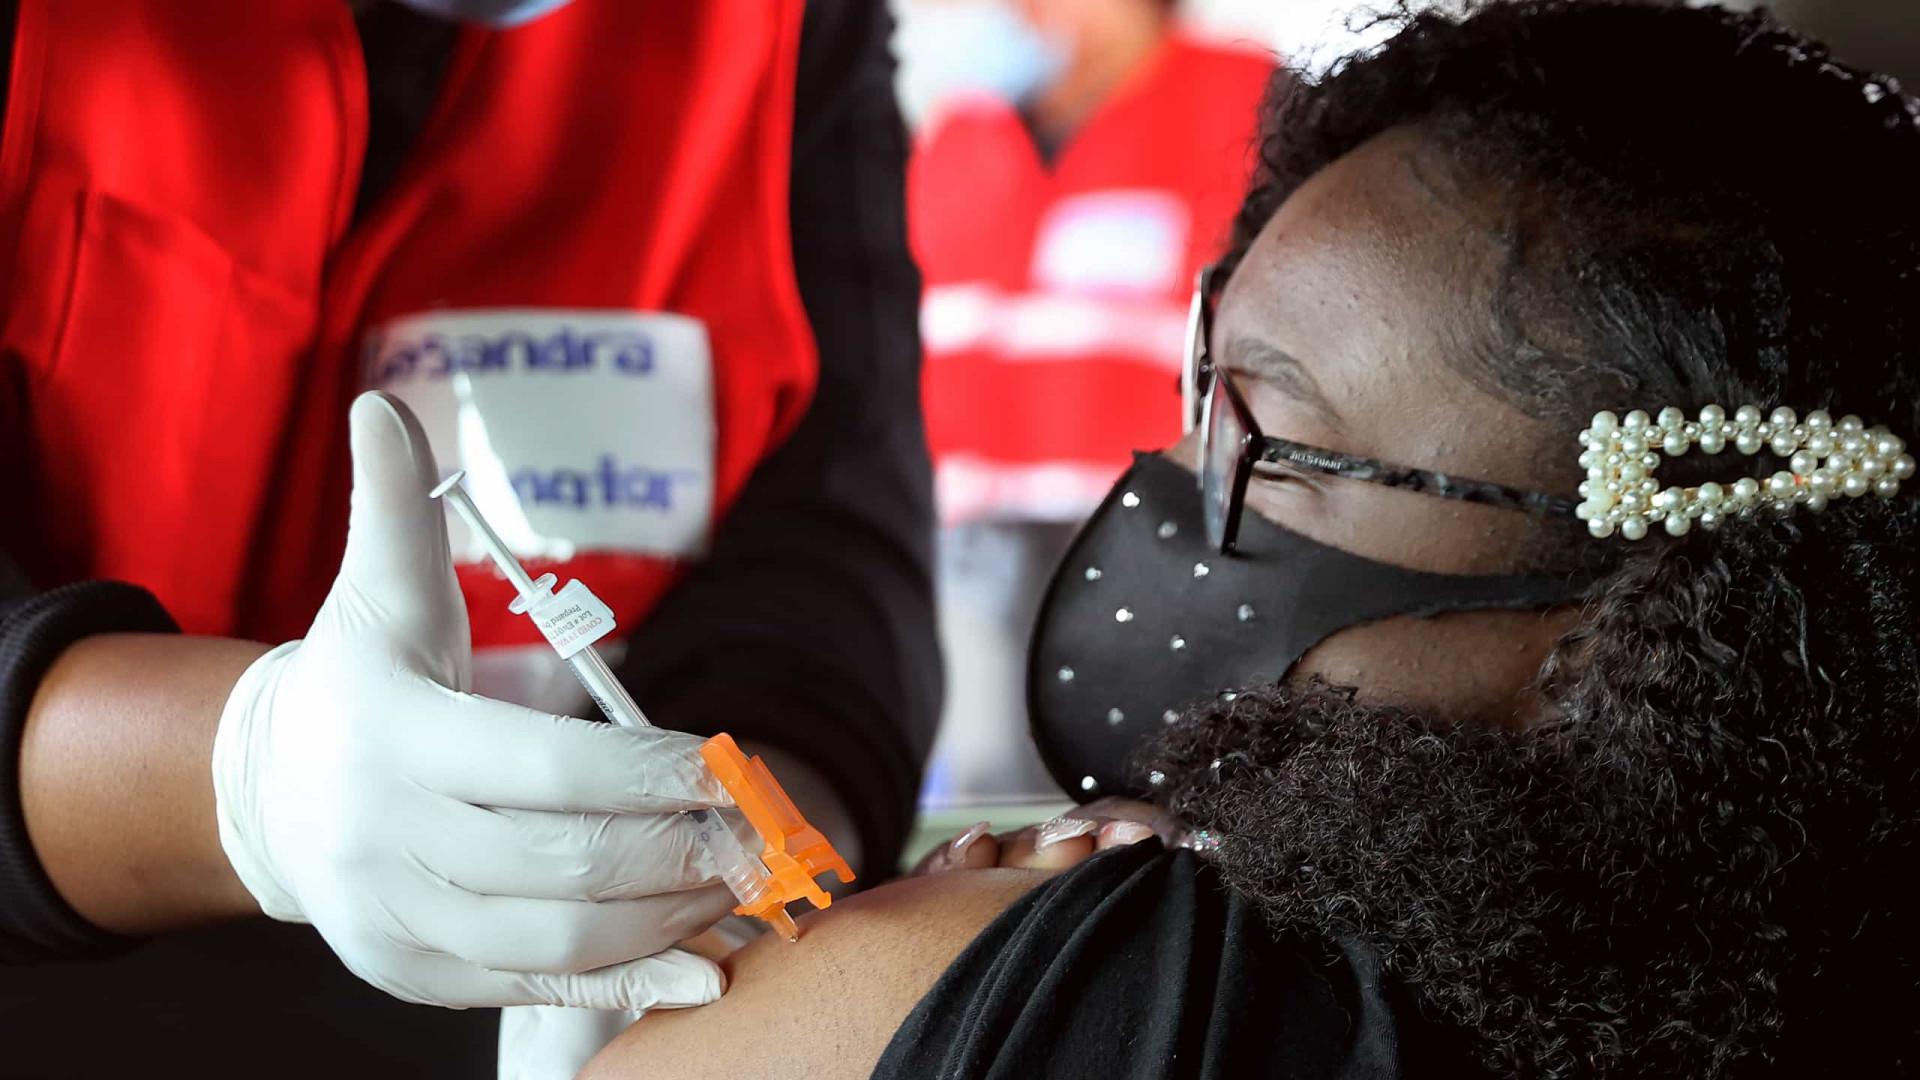 """AO MINUTO: EUA apoiam renúncia a patente das vacinas; """"Anos heroicos"""""""